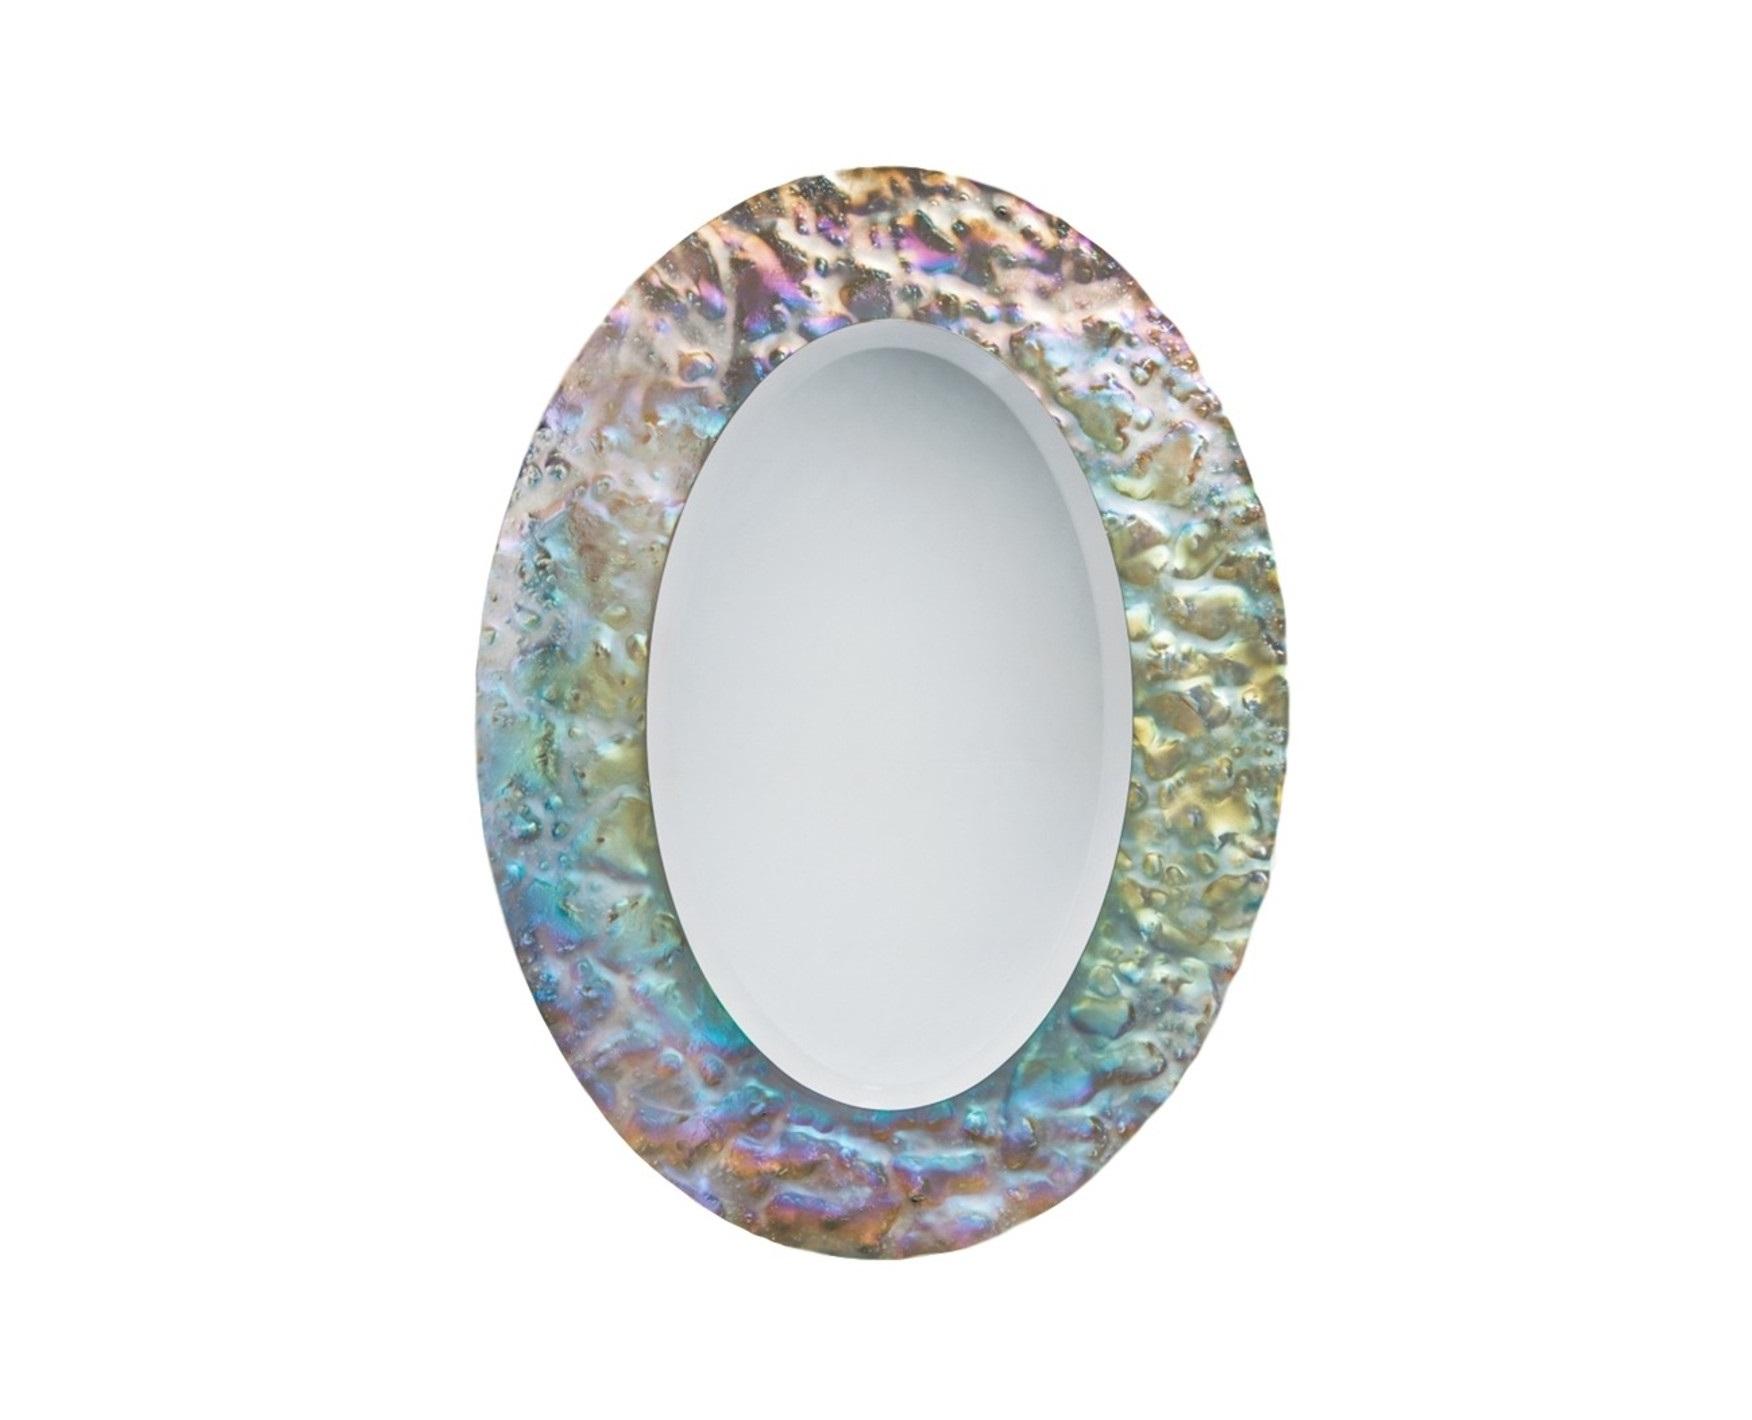 Зеркало Эллипс PearlНастенные зеркала<br>Застывшее мгновение вечности. Зеркало Эллипс так прекрасно, что перехватывает дух. Солнечные лучи, искусственное освещение – любой свет, попадающий на поверхность обрамления эллипса, создает неповторимую игру бликов. Настоящий танец света.  Обрамление зеркала имитирует поверхность жемчуга .&amp;amp;nbsp;<br><br>Material: Стекло<br>Ширина см: 74<br>Высота см: 104<br>Глубина см: 5